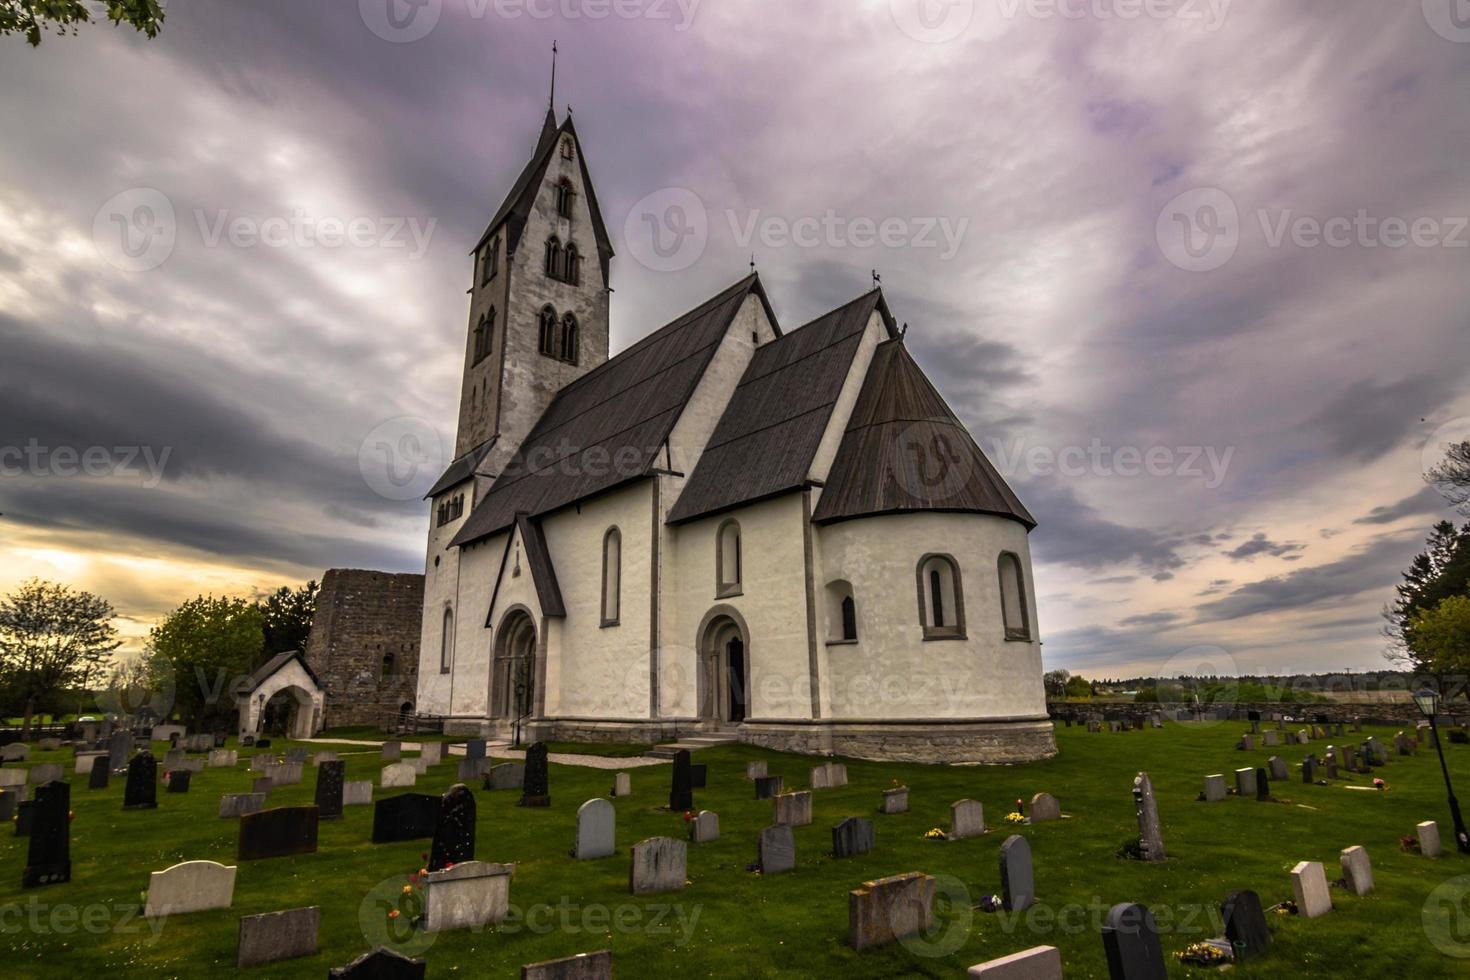 chiesa di gothem in gotland, svezia foto